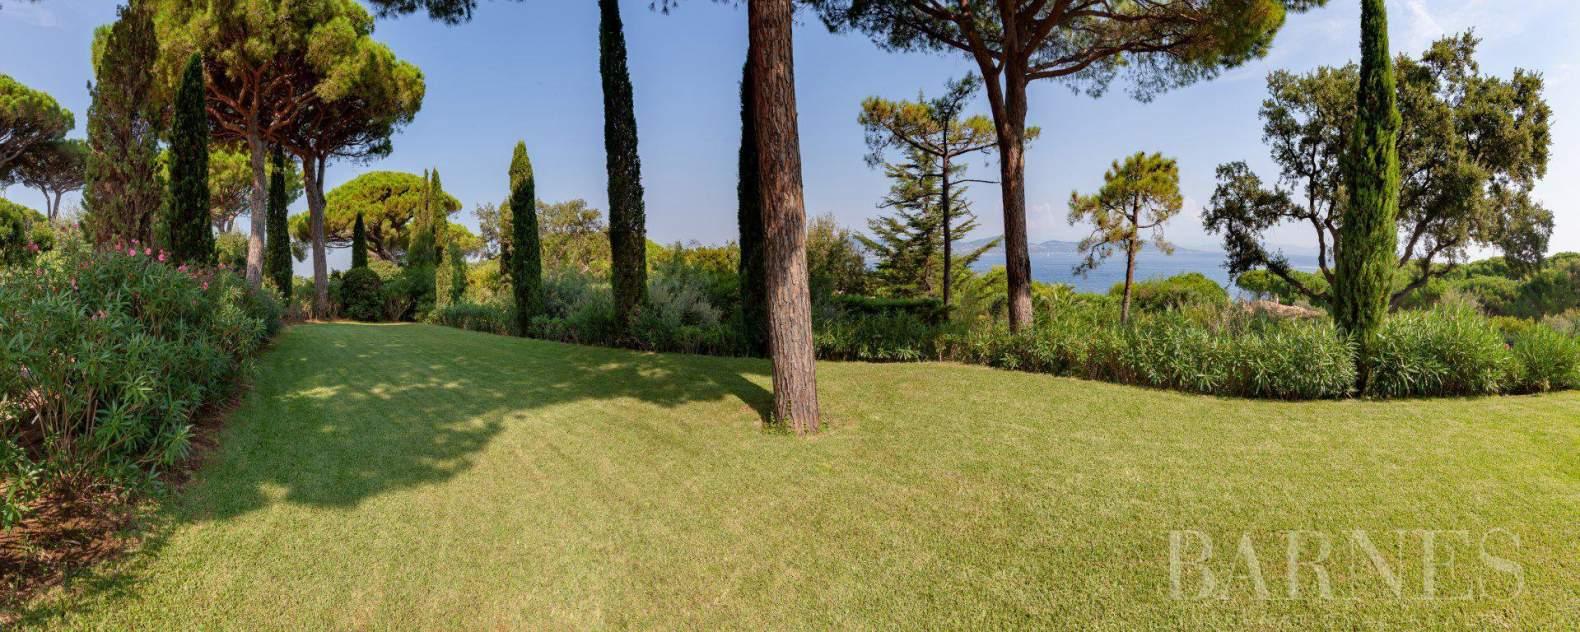 Saint-Tropez  - Villa  7 Chambres - picture 6